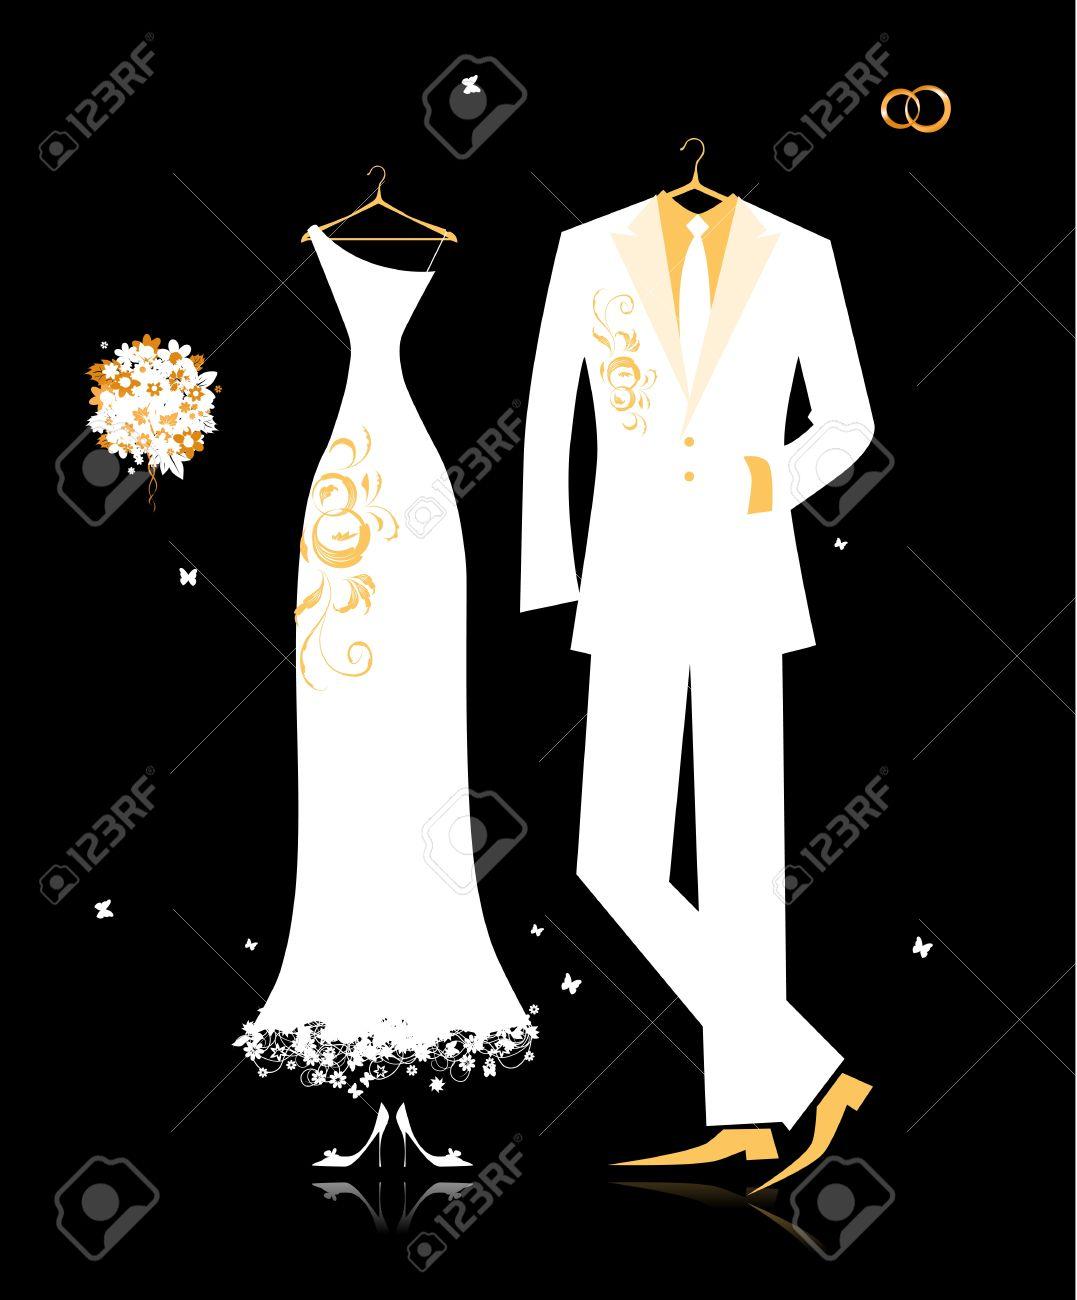 ricerca disegno bianco nero matrimonio o coppia simpatico